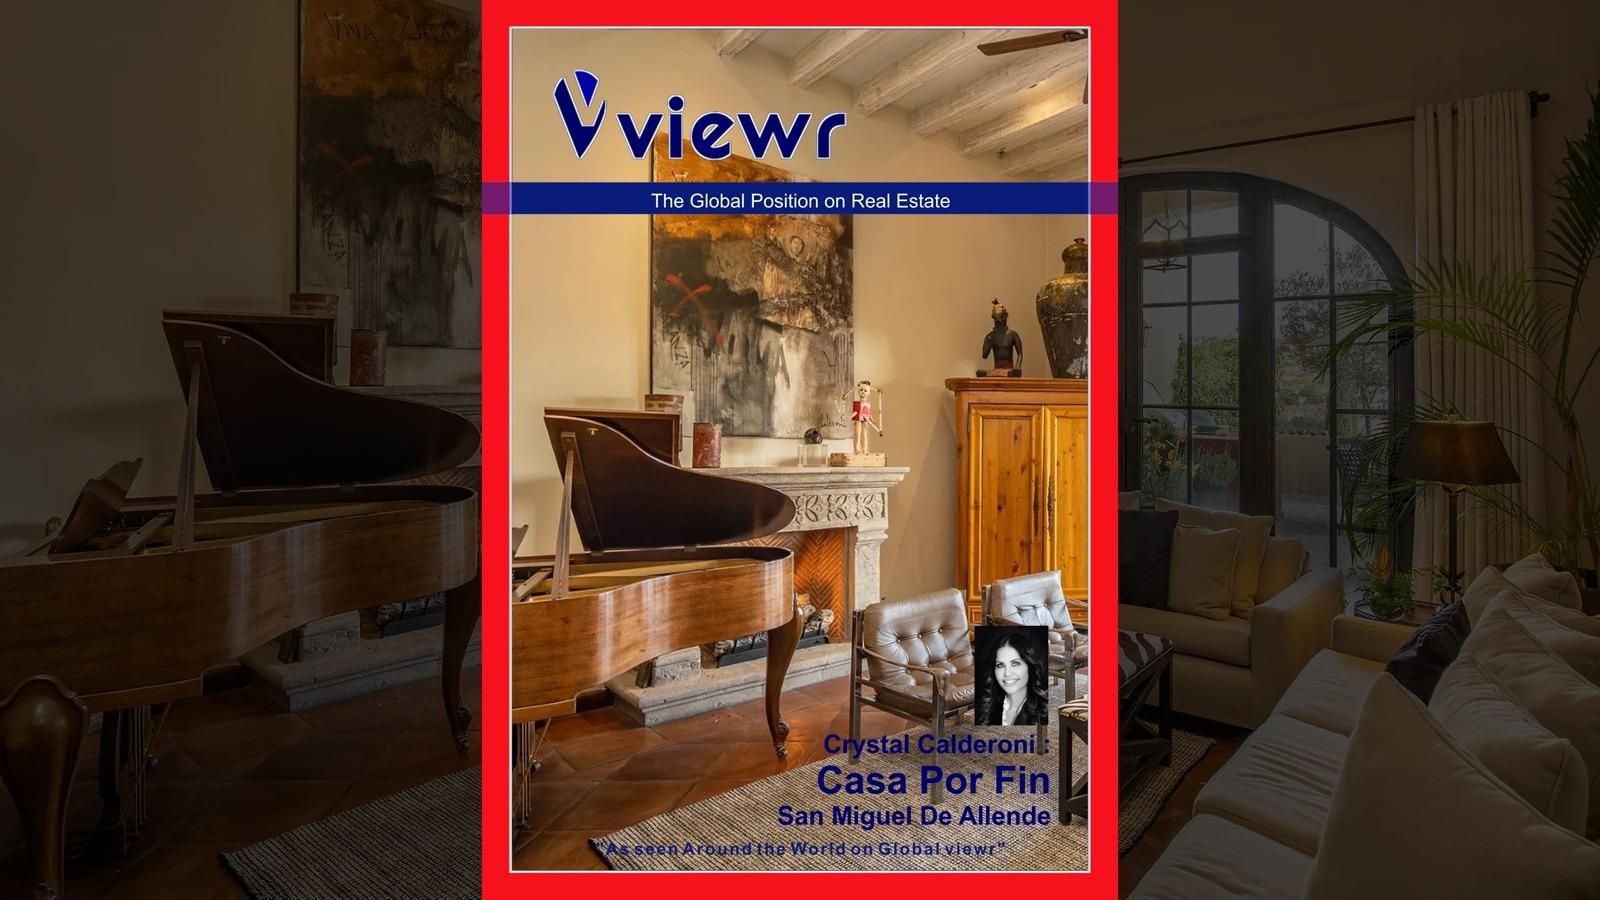 Global viewr Magazine Crystal Calderoni Casa Por Fin San Miguel de Allende